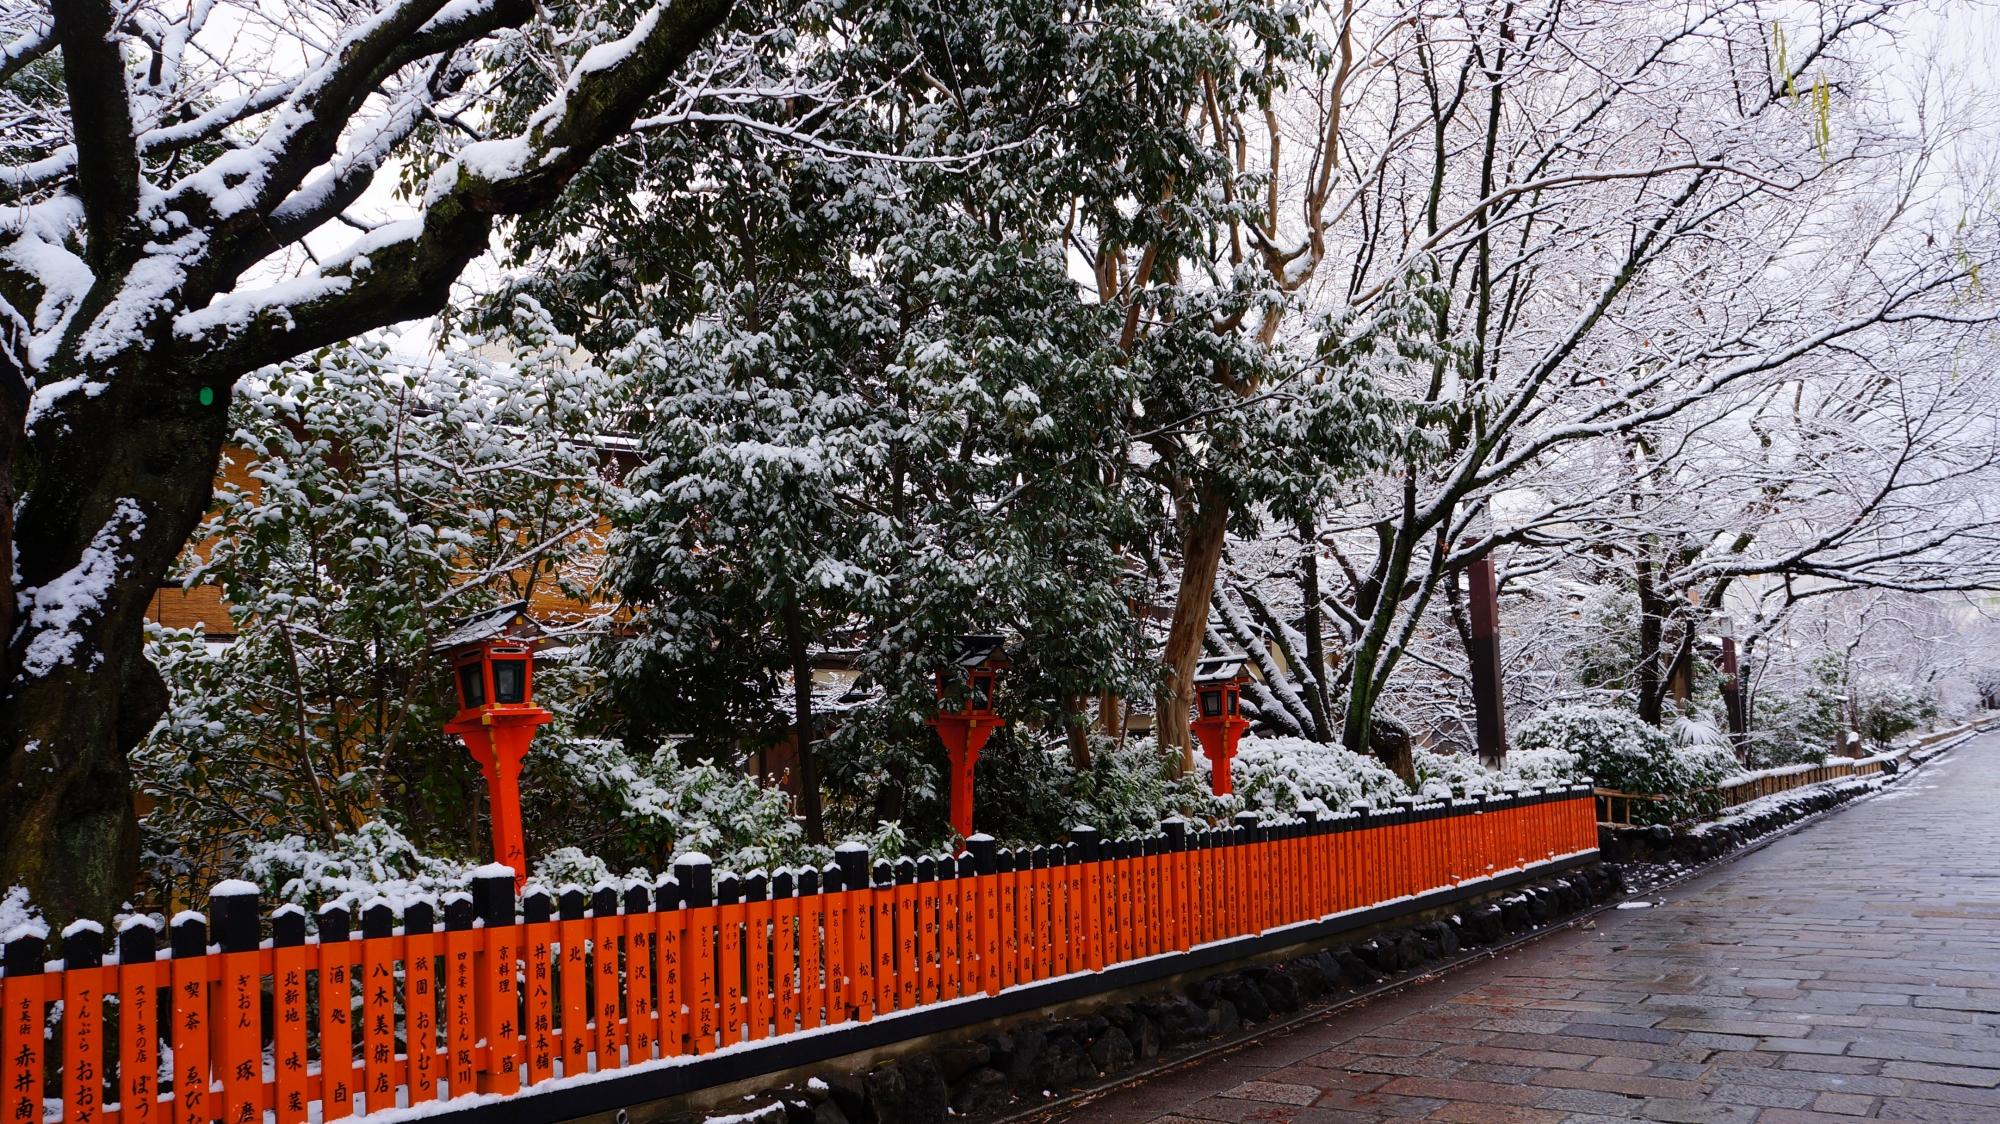 祇園白川の赤い玉垣に映える白い雪